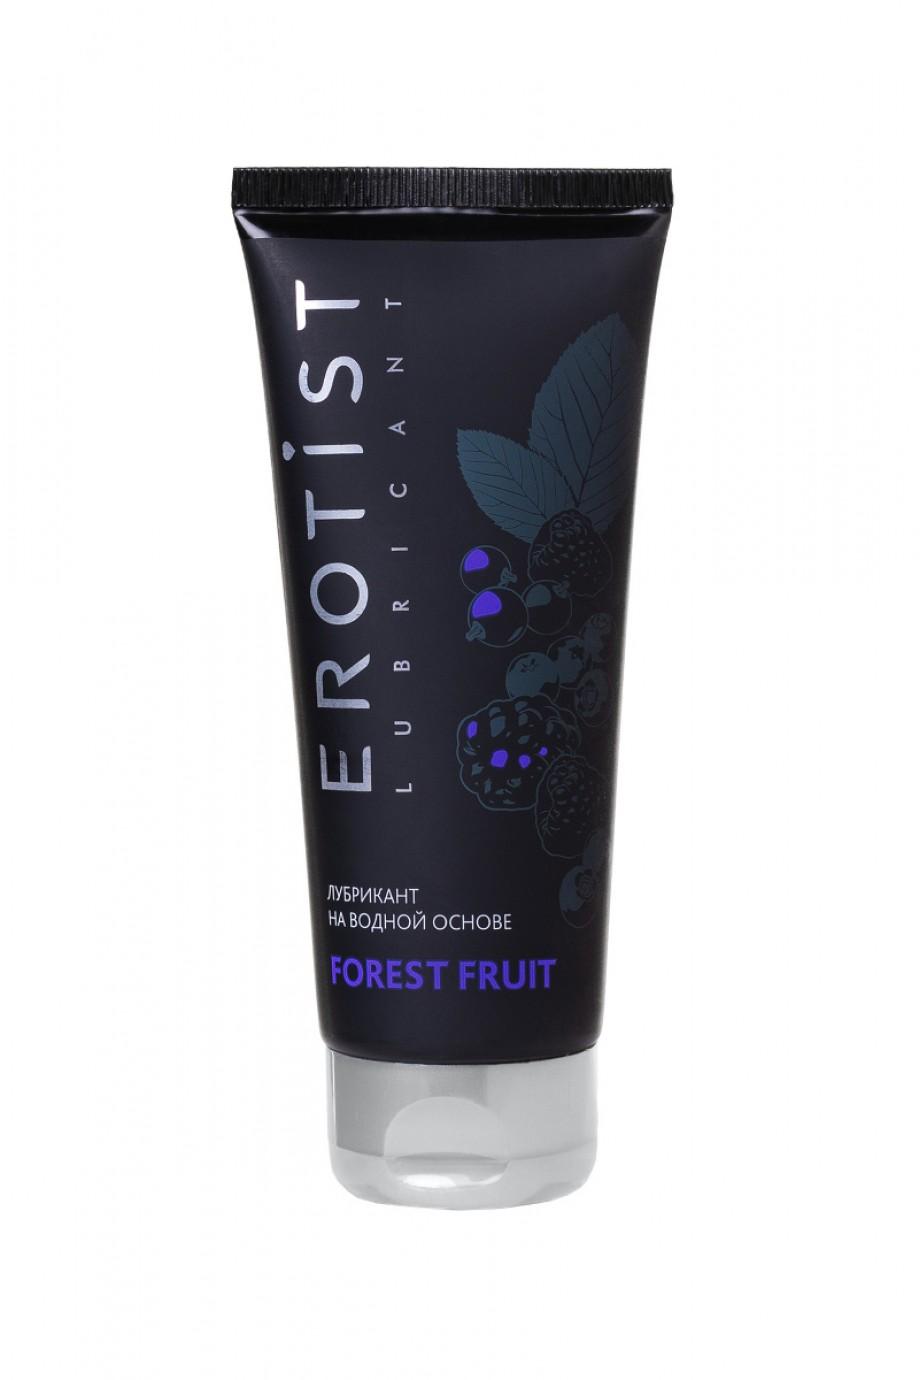 Лубрикант Erotist на водной основе FOREST FRUIT, 100 мл